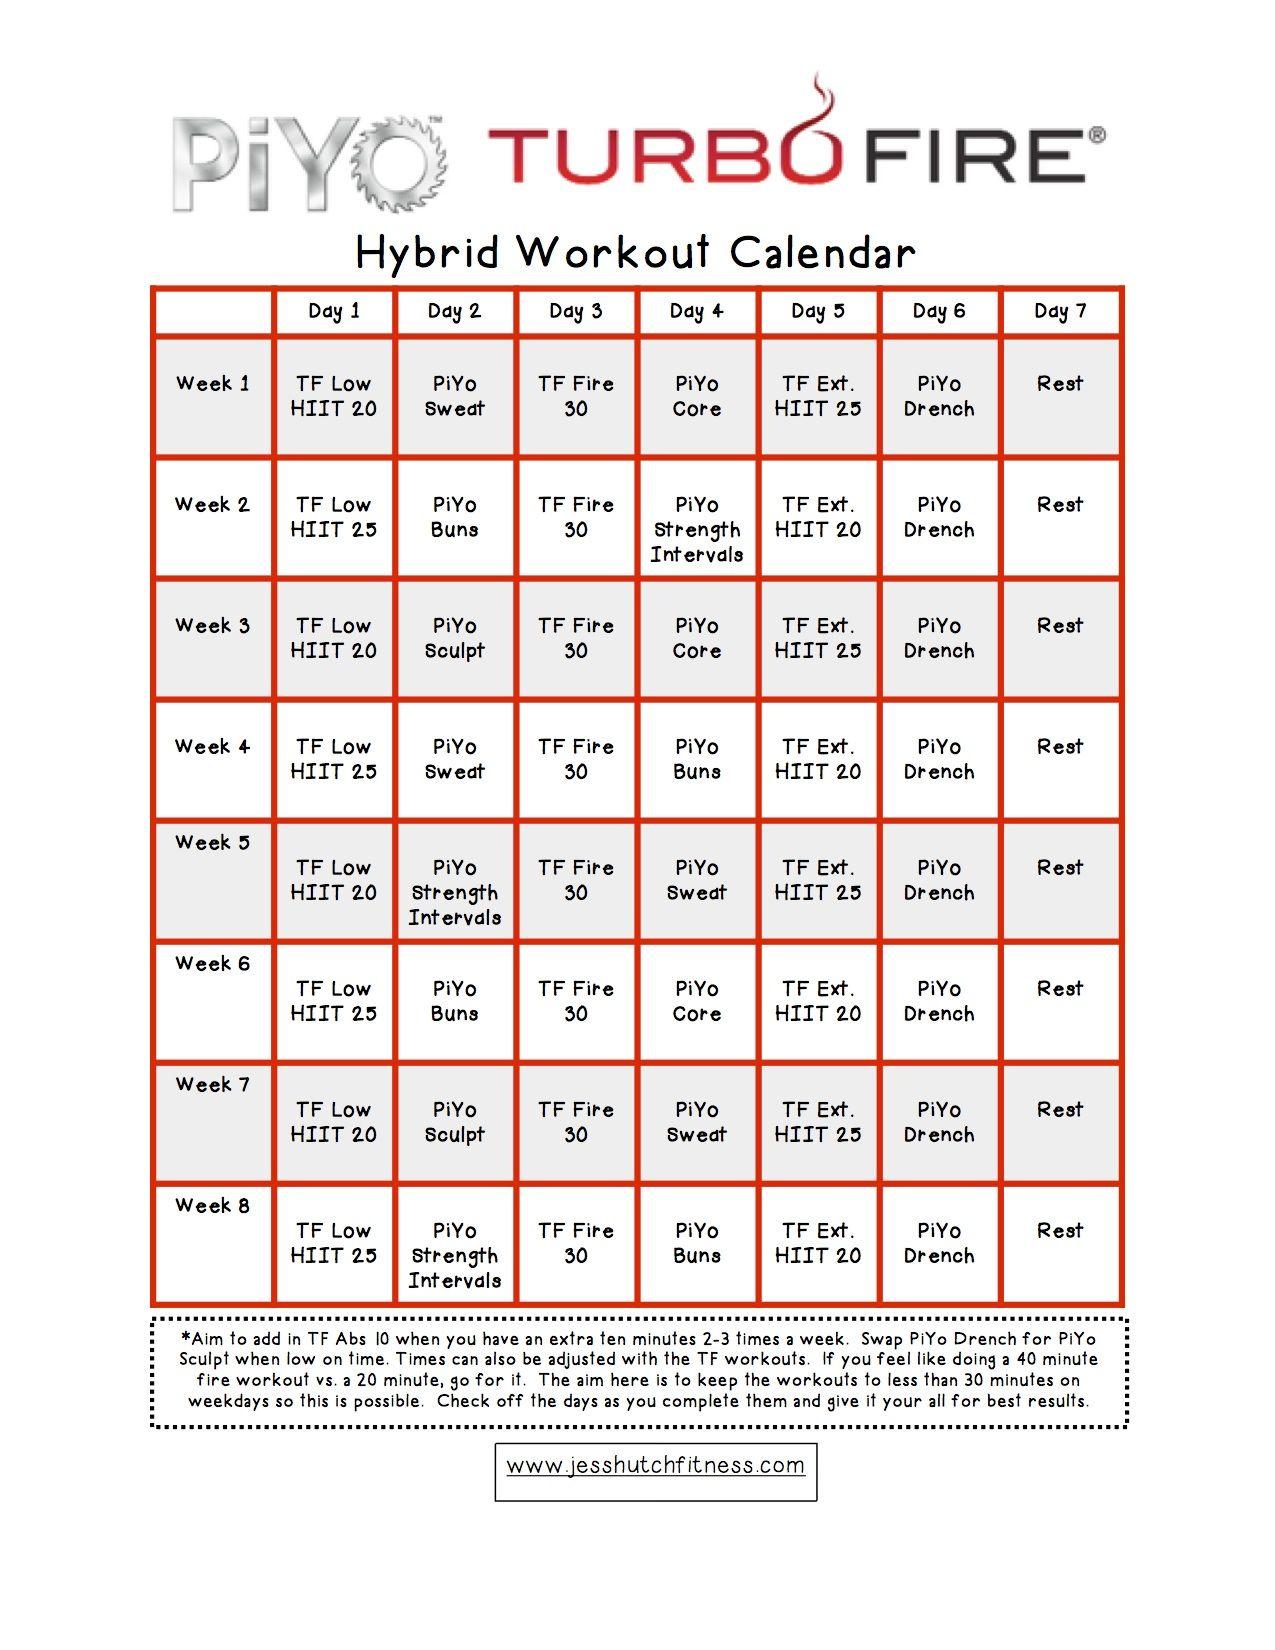 Piyo/turbofire Hybrid Calendar   Blend Workouts   Workout